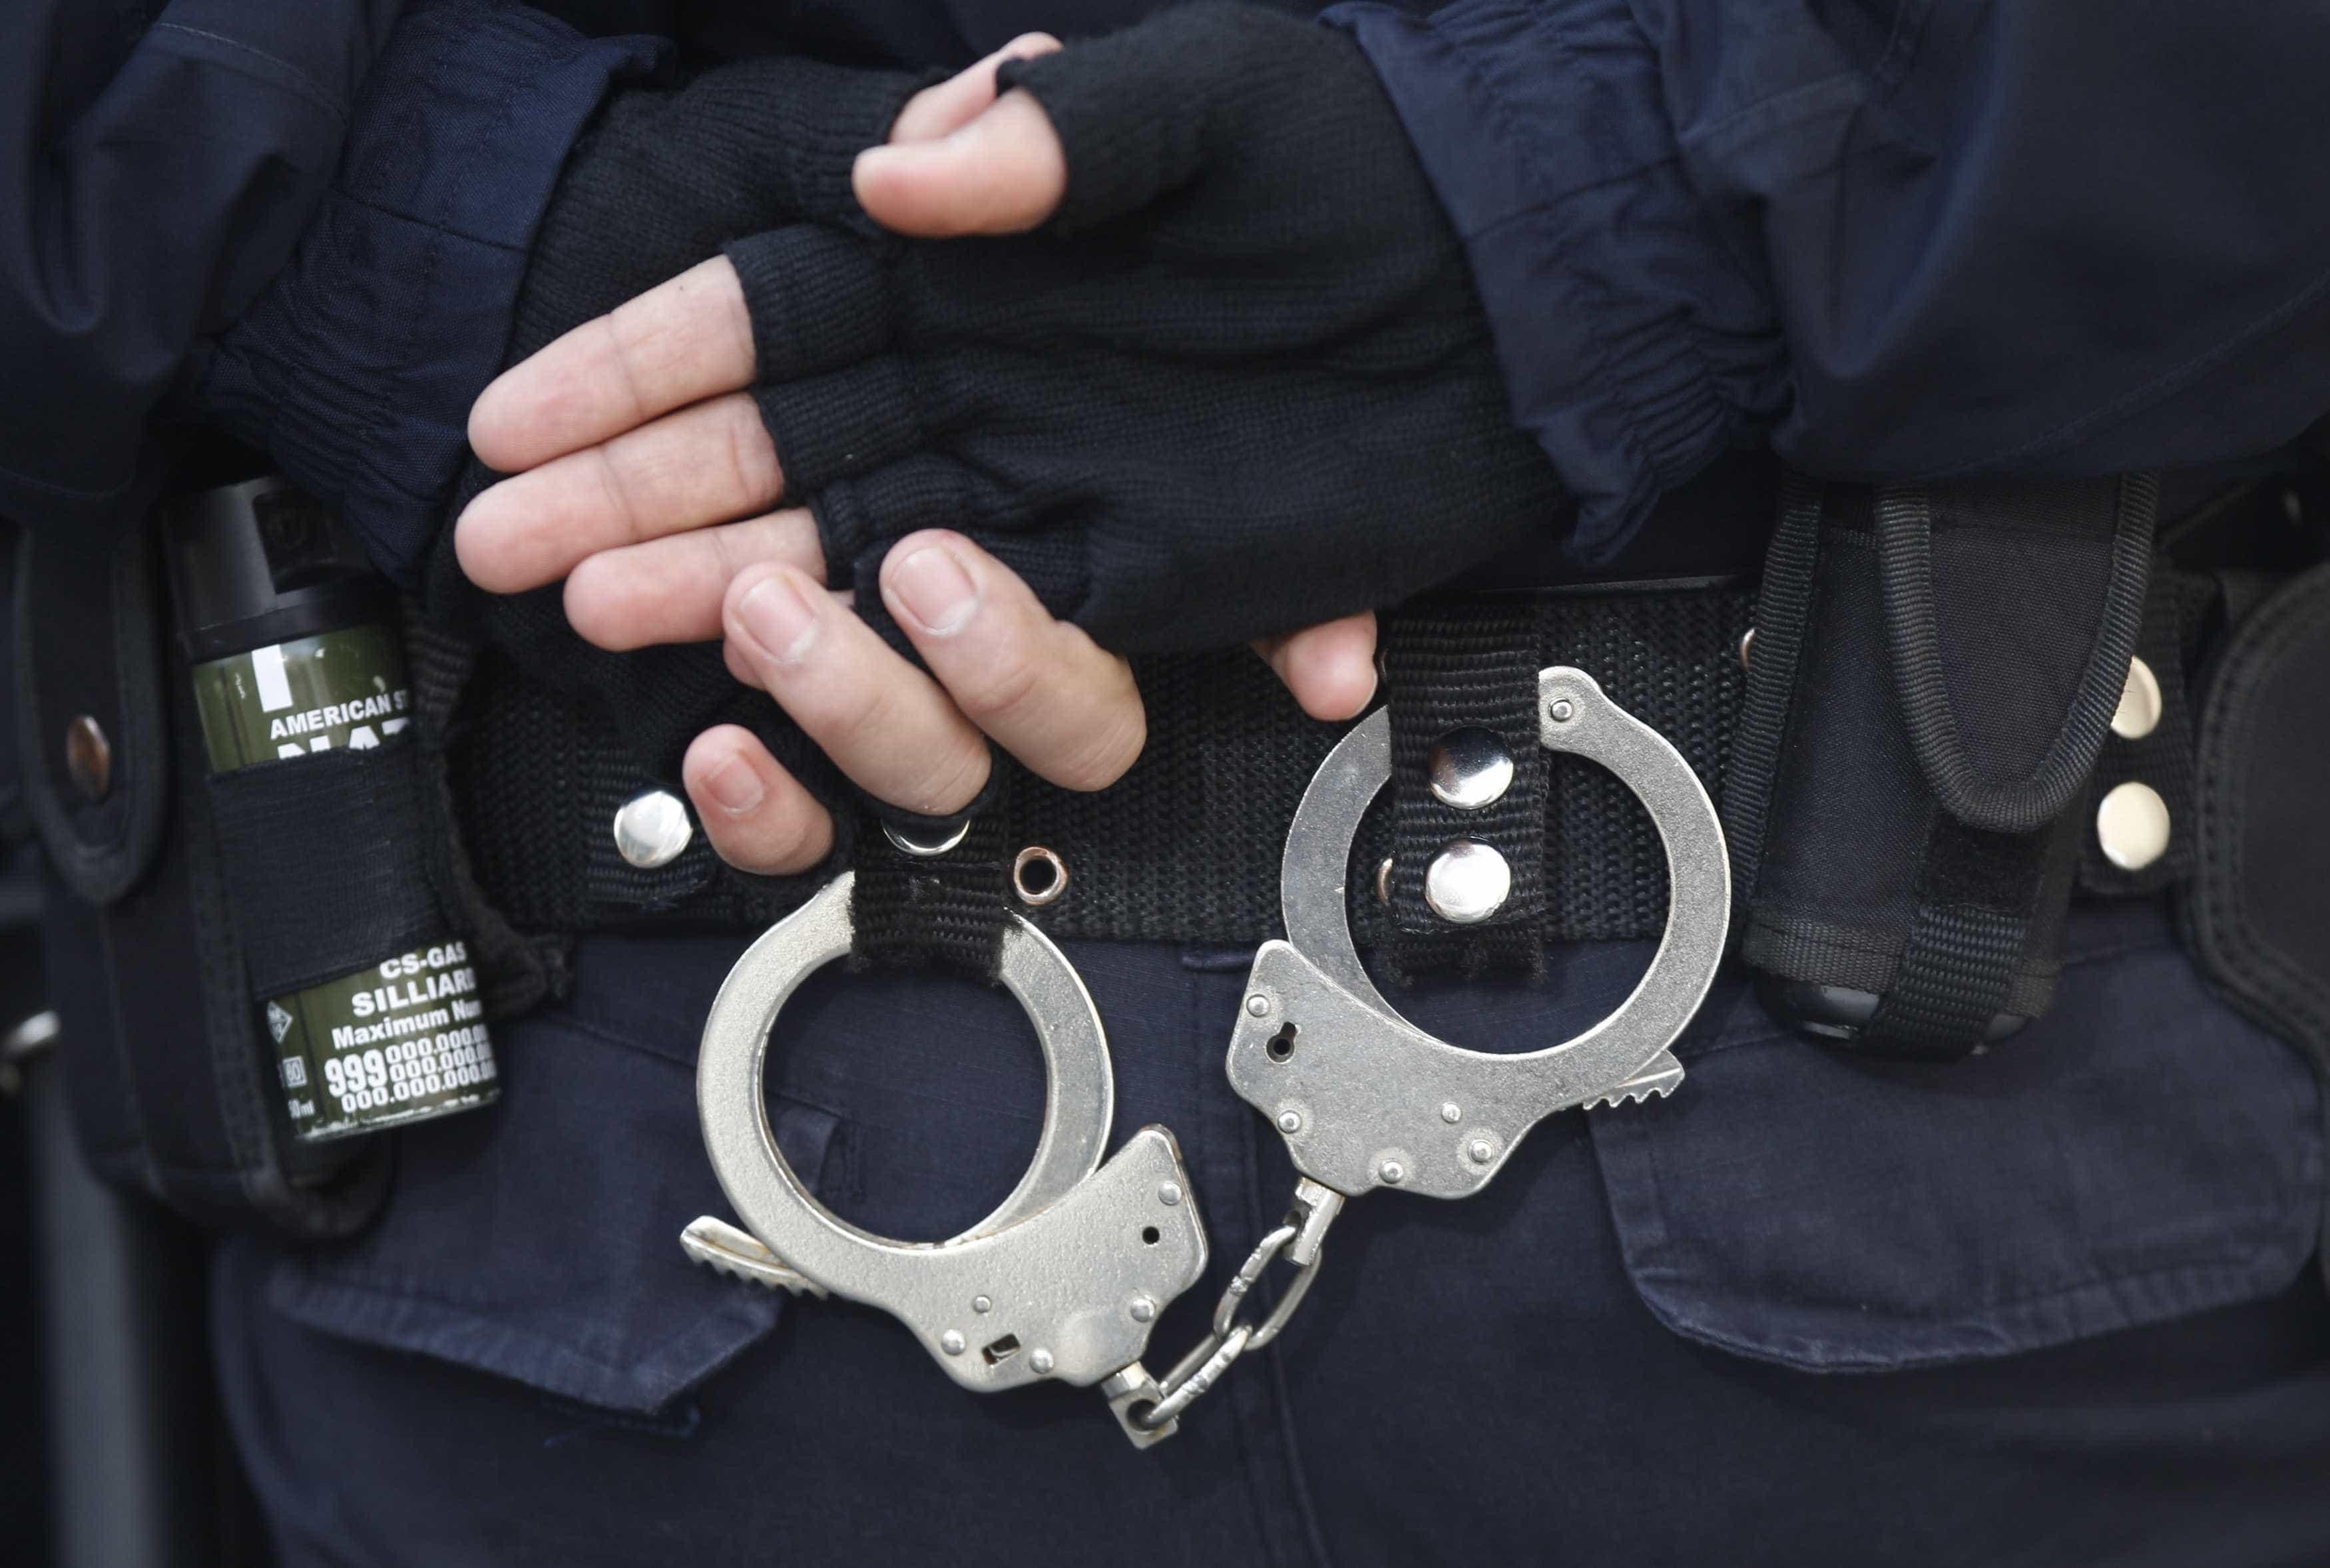 Detido pela PJ por transportar cocaína em bombons